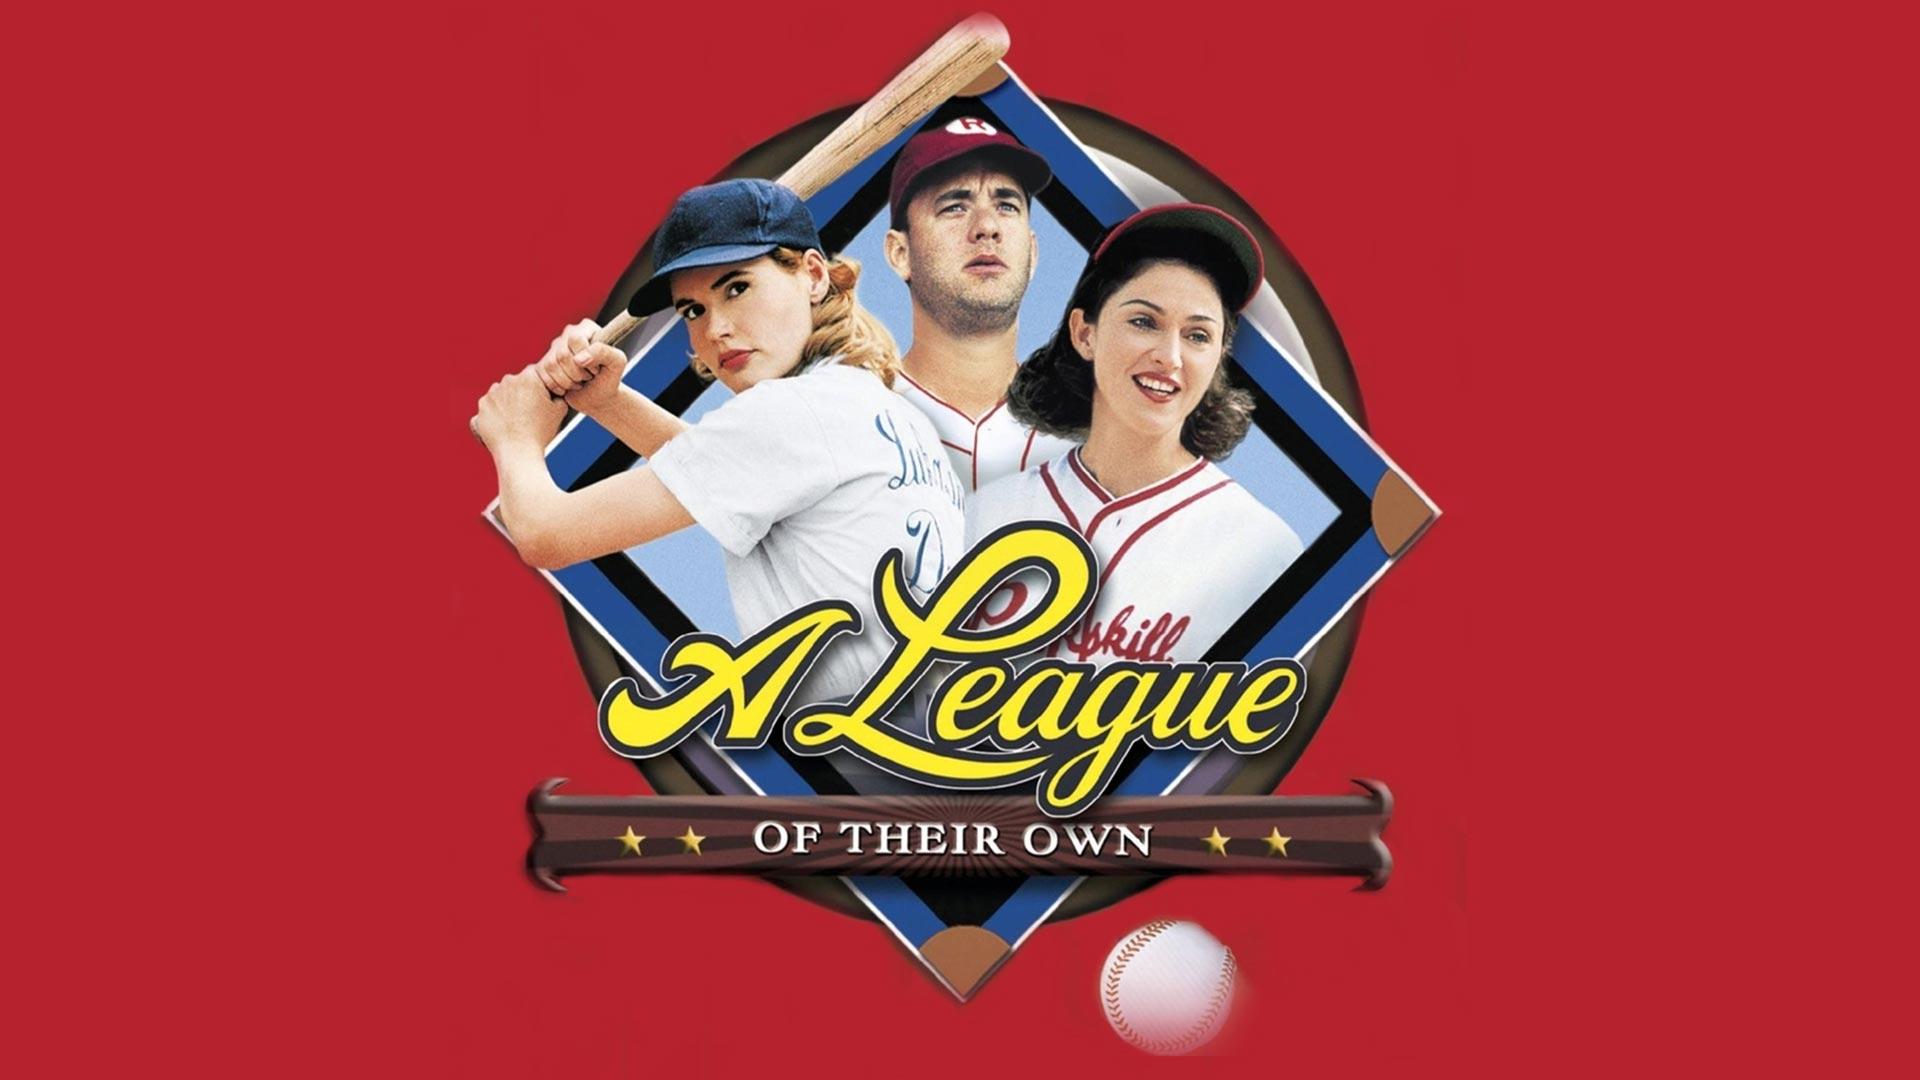 A League Of Their Own 4K (4K UHD)